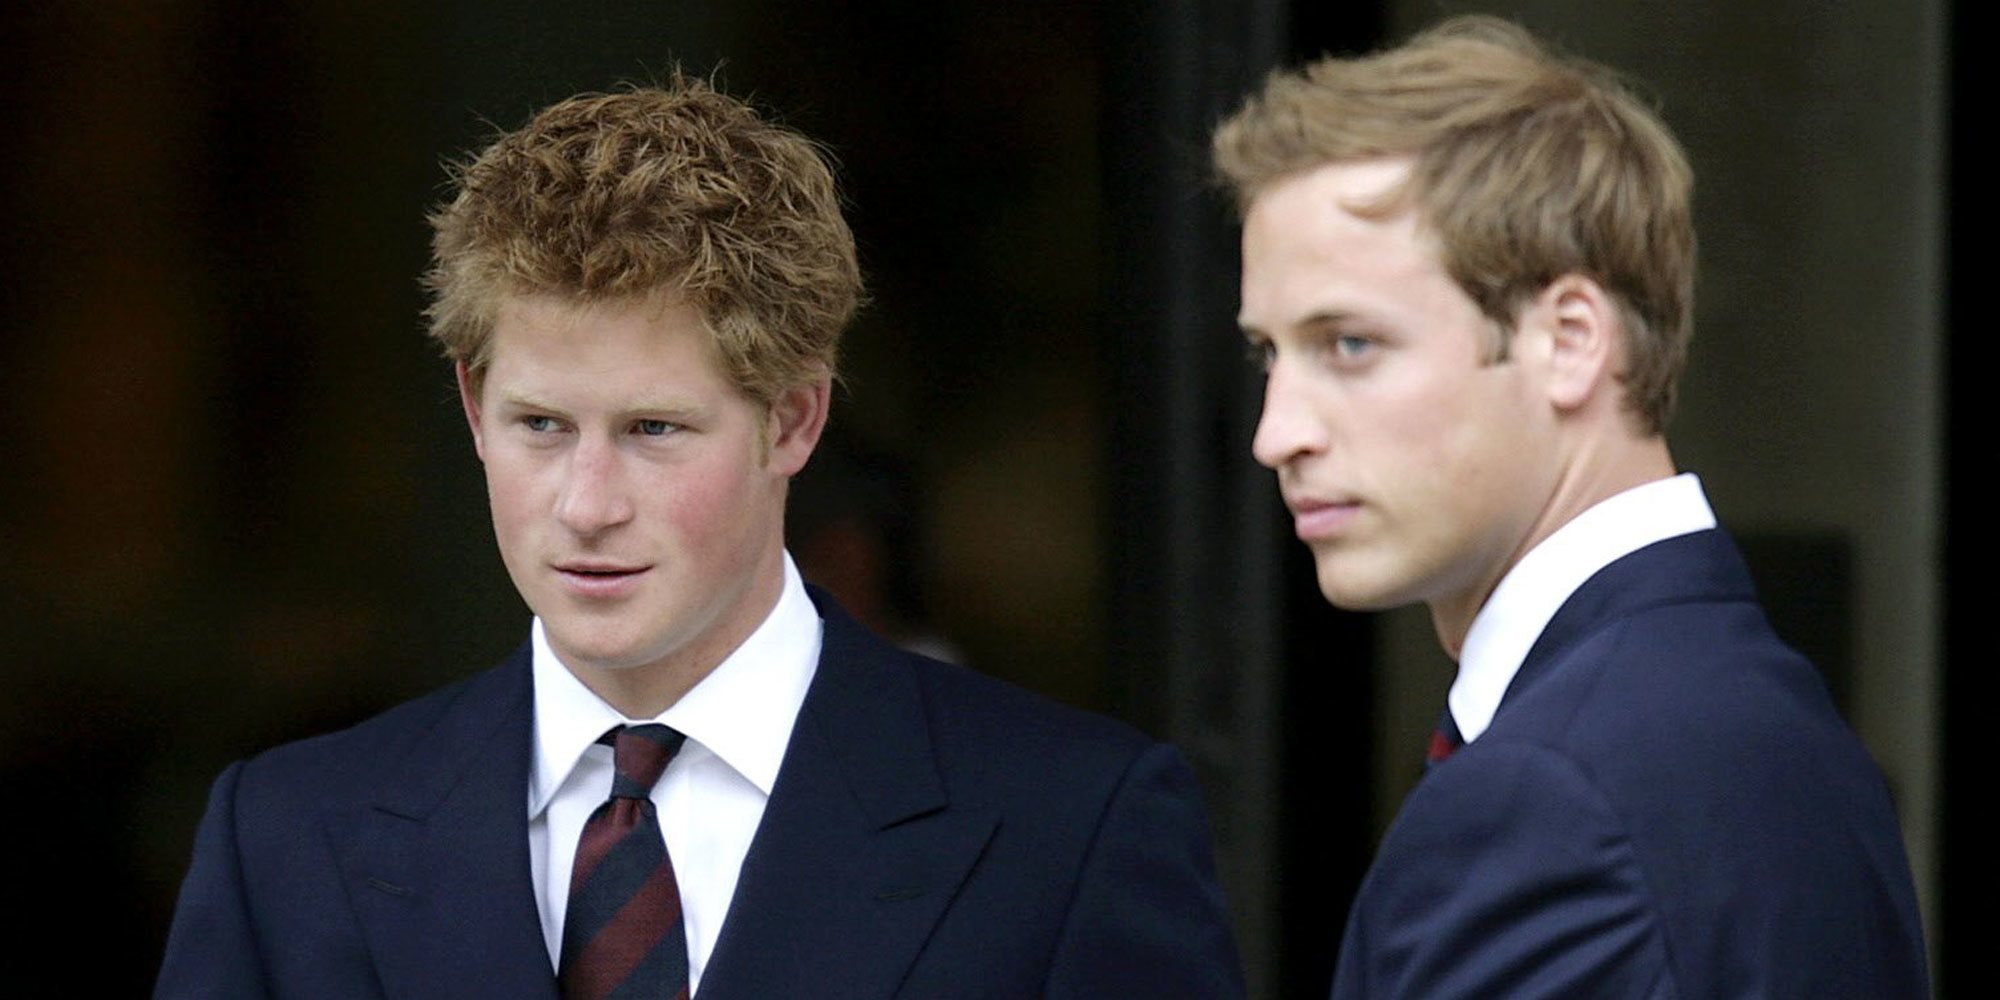 El origen de los problemas entre el Príncipe Guillermo y el Príncipe Harry: dolorosa infancia y abandono adolescente